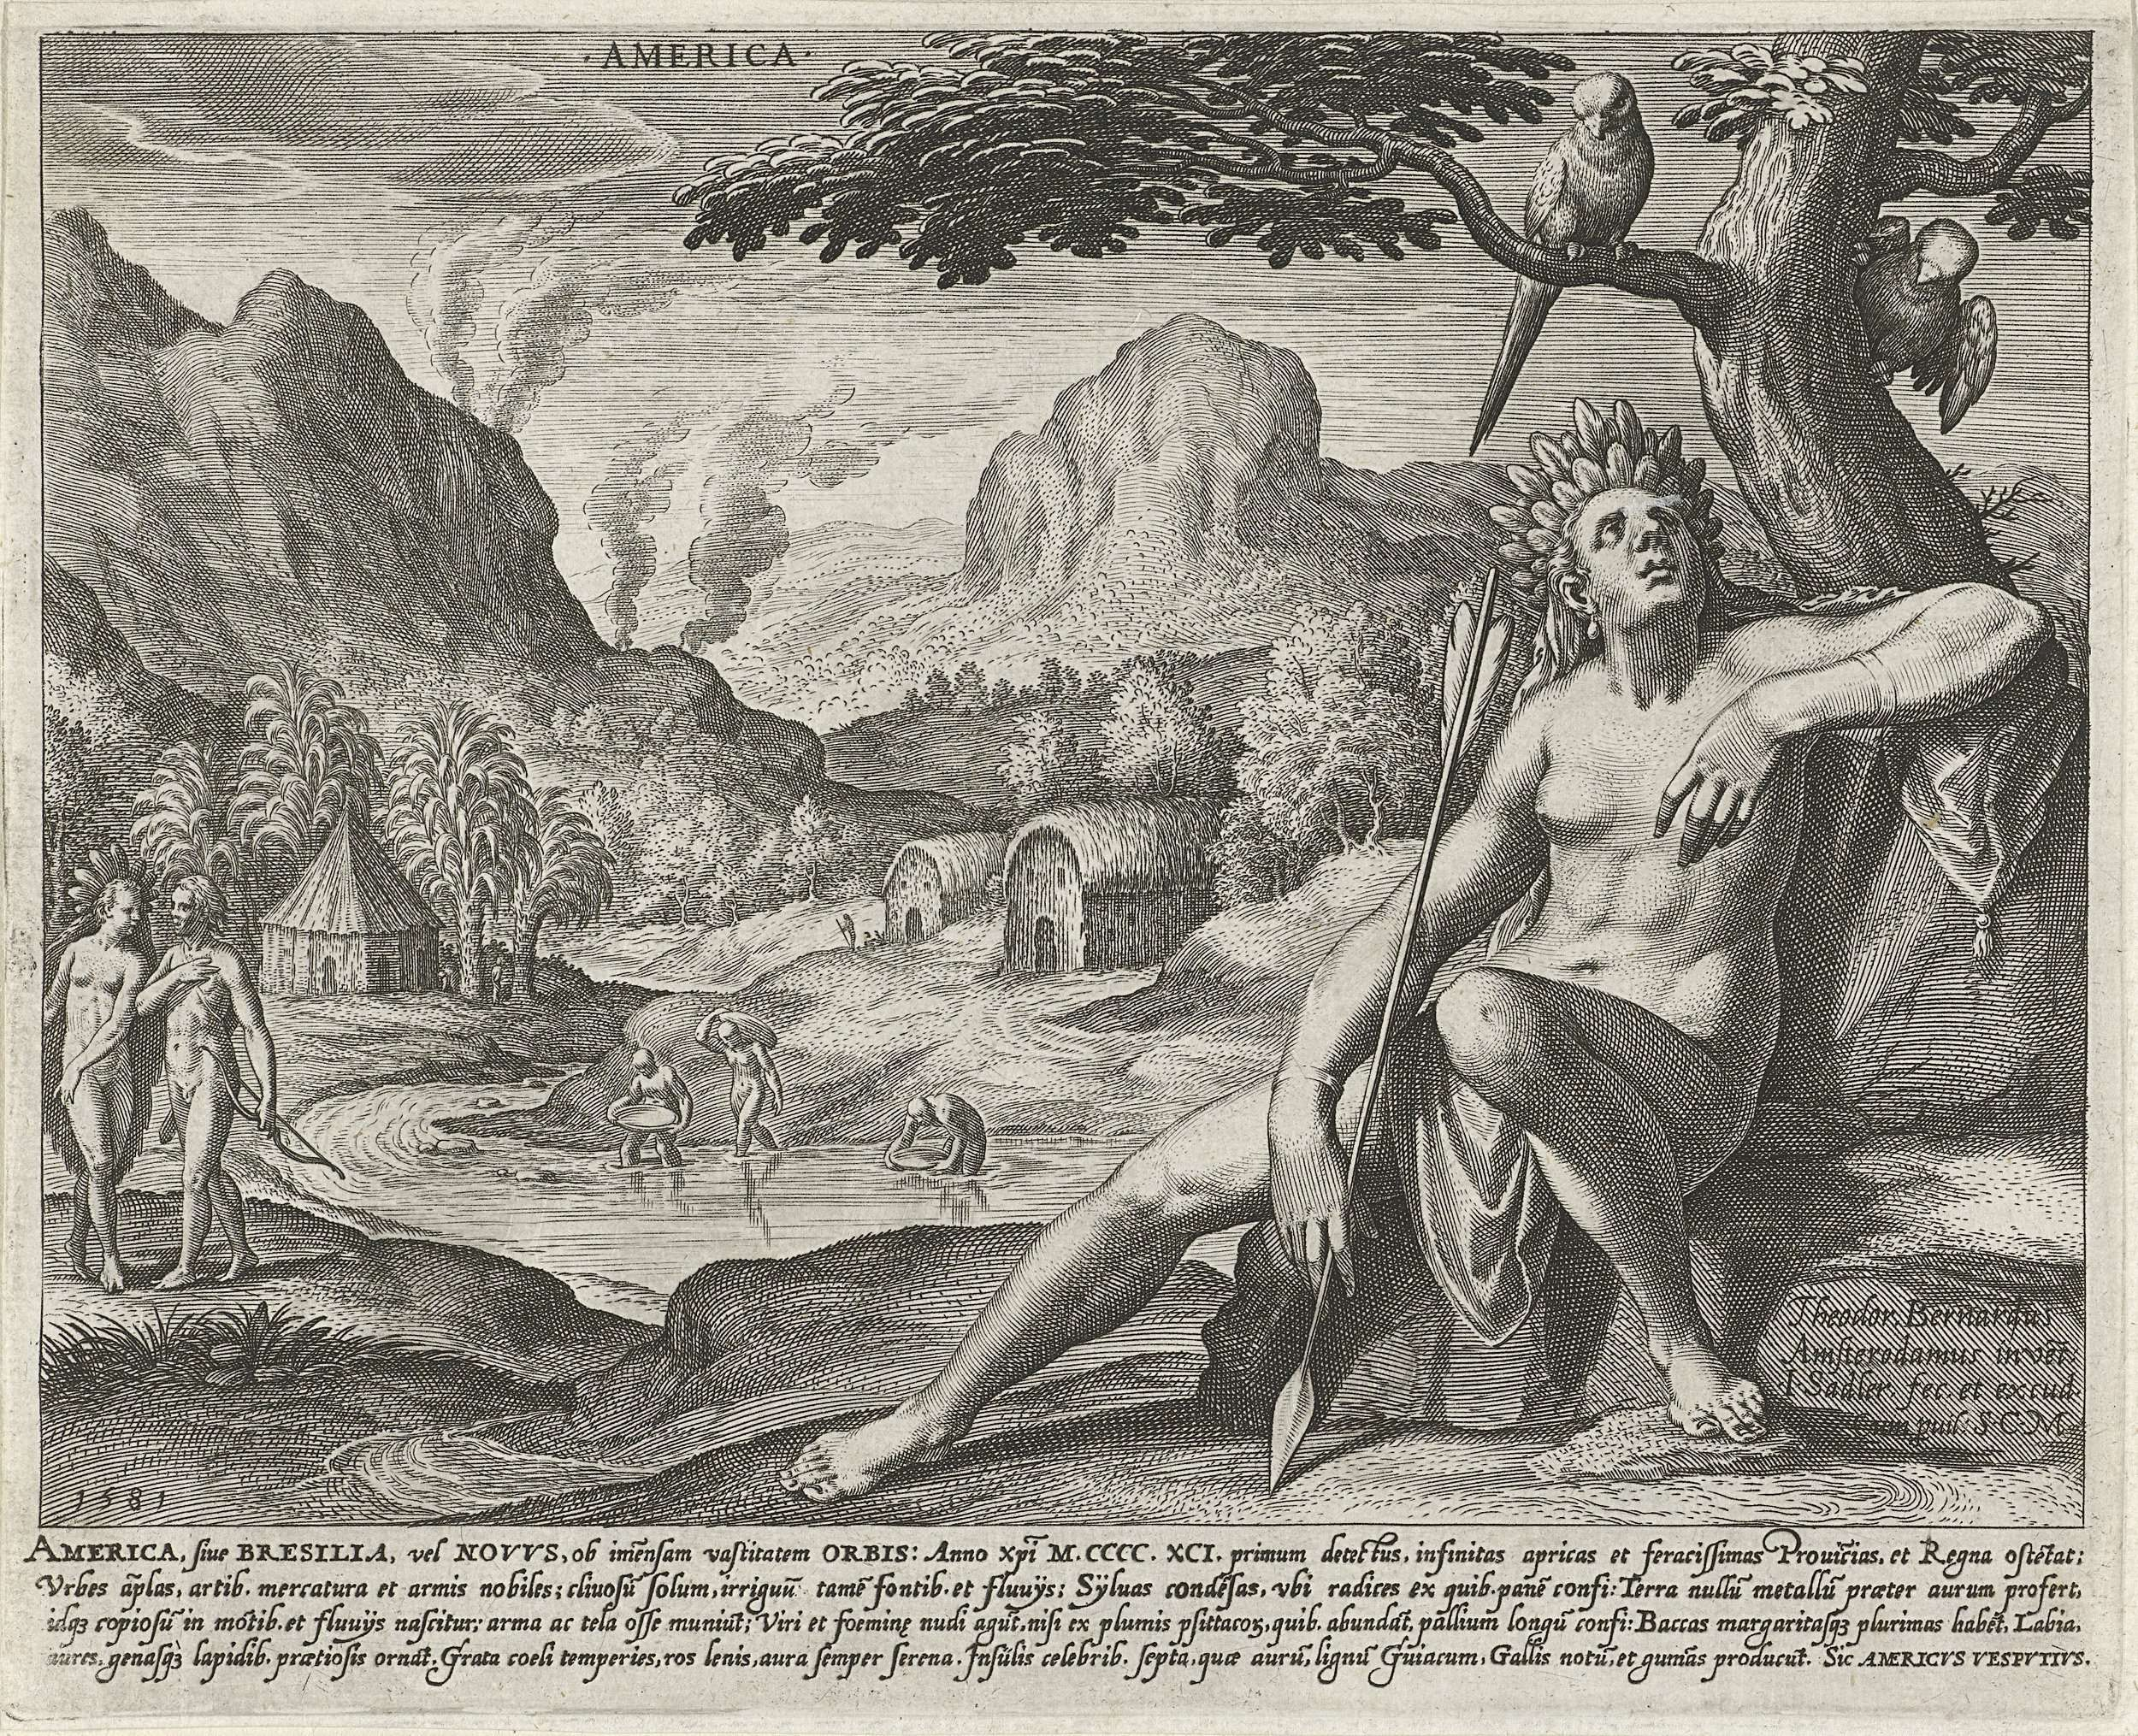 Johann Sadeler (I) | Amerika, Johann Sadeler (I), 1581 | De vrouwelijke  personificatie van het continent Amerika op de voorgrond. In haar handen  een speer.